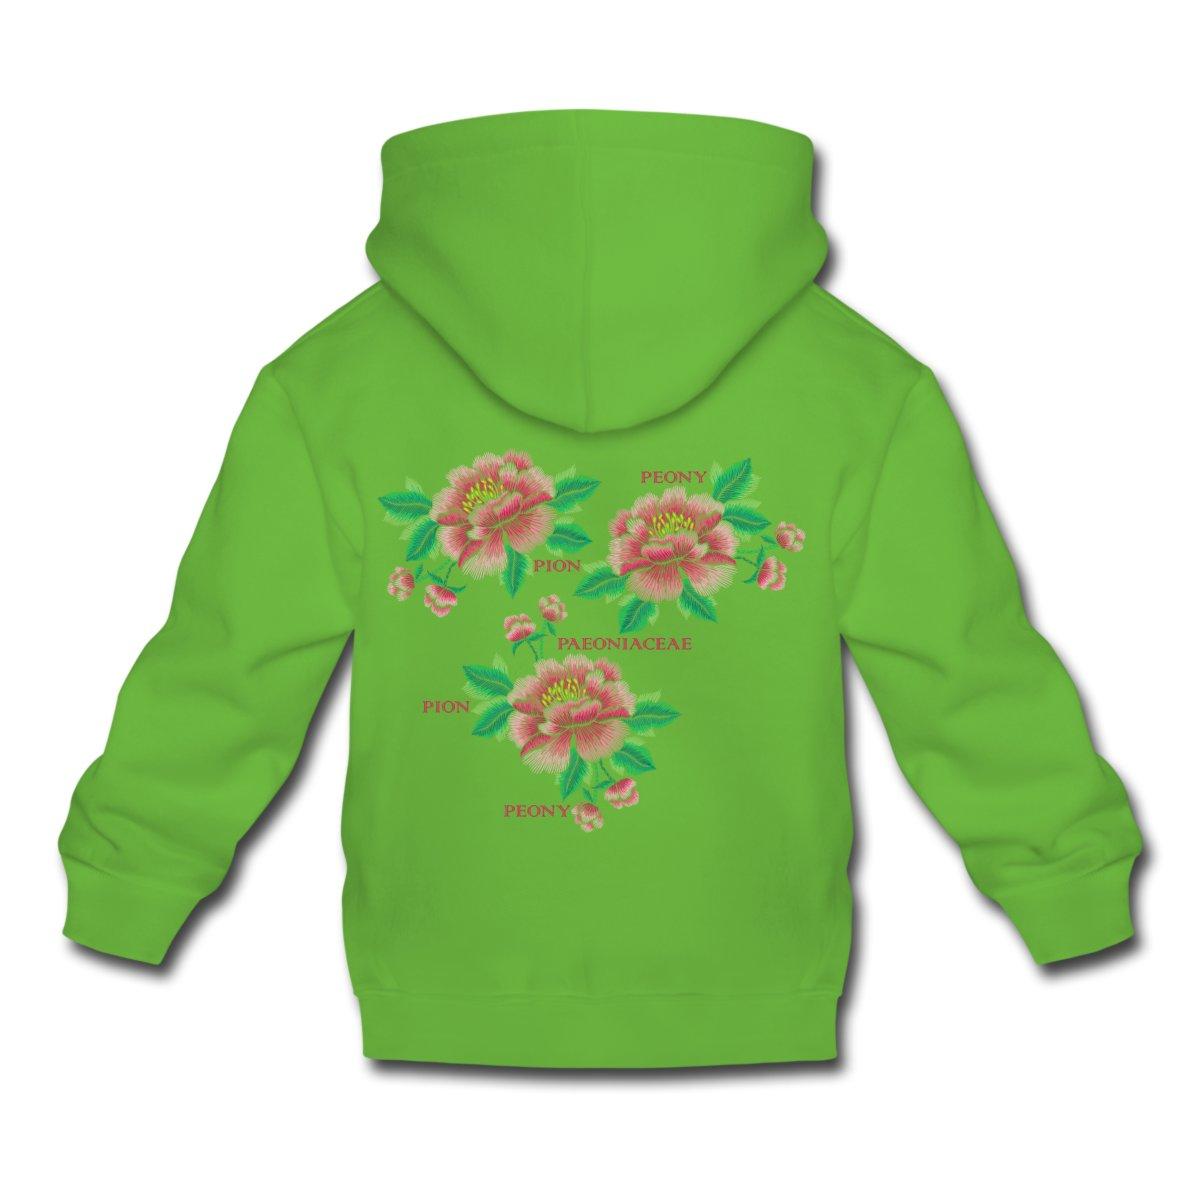 pion-premium-luvtroeja-barn-grön.jpg